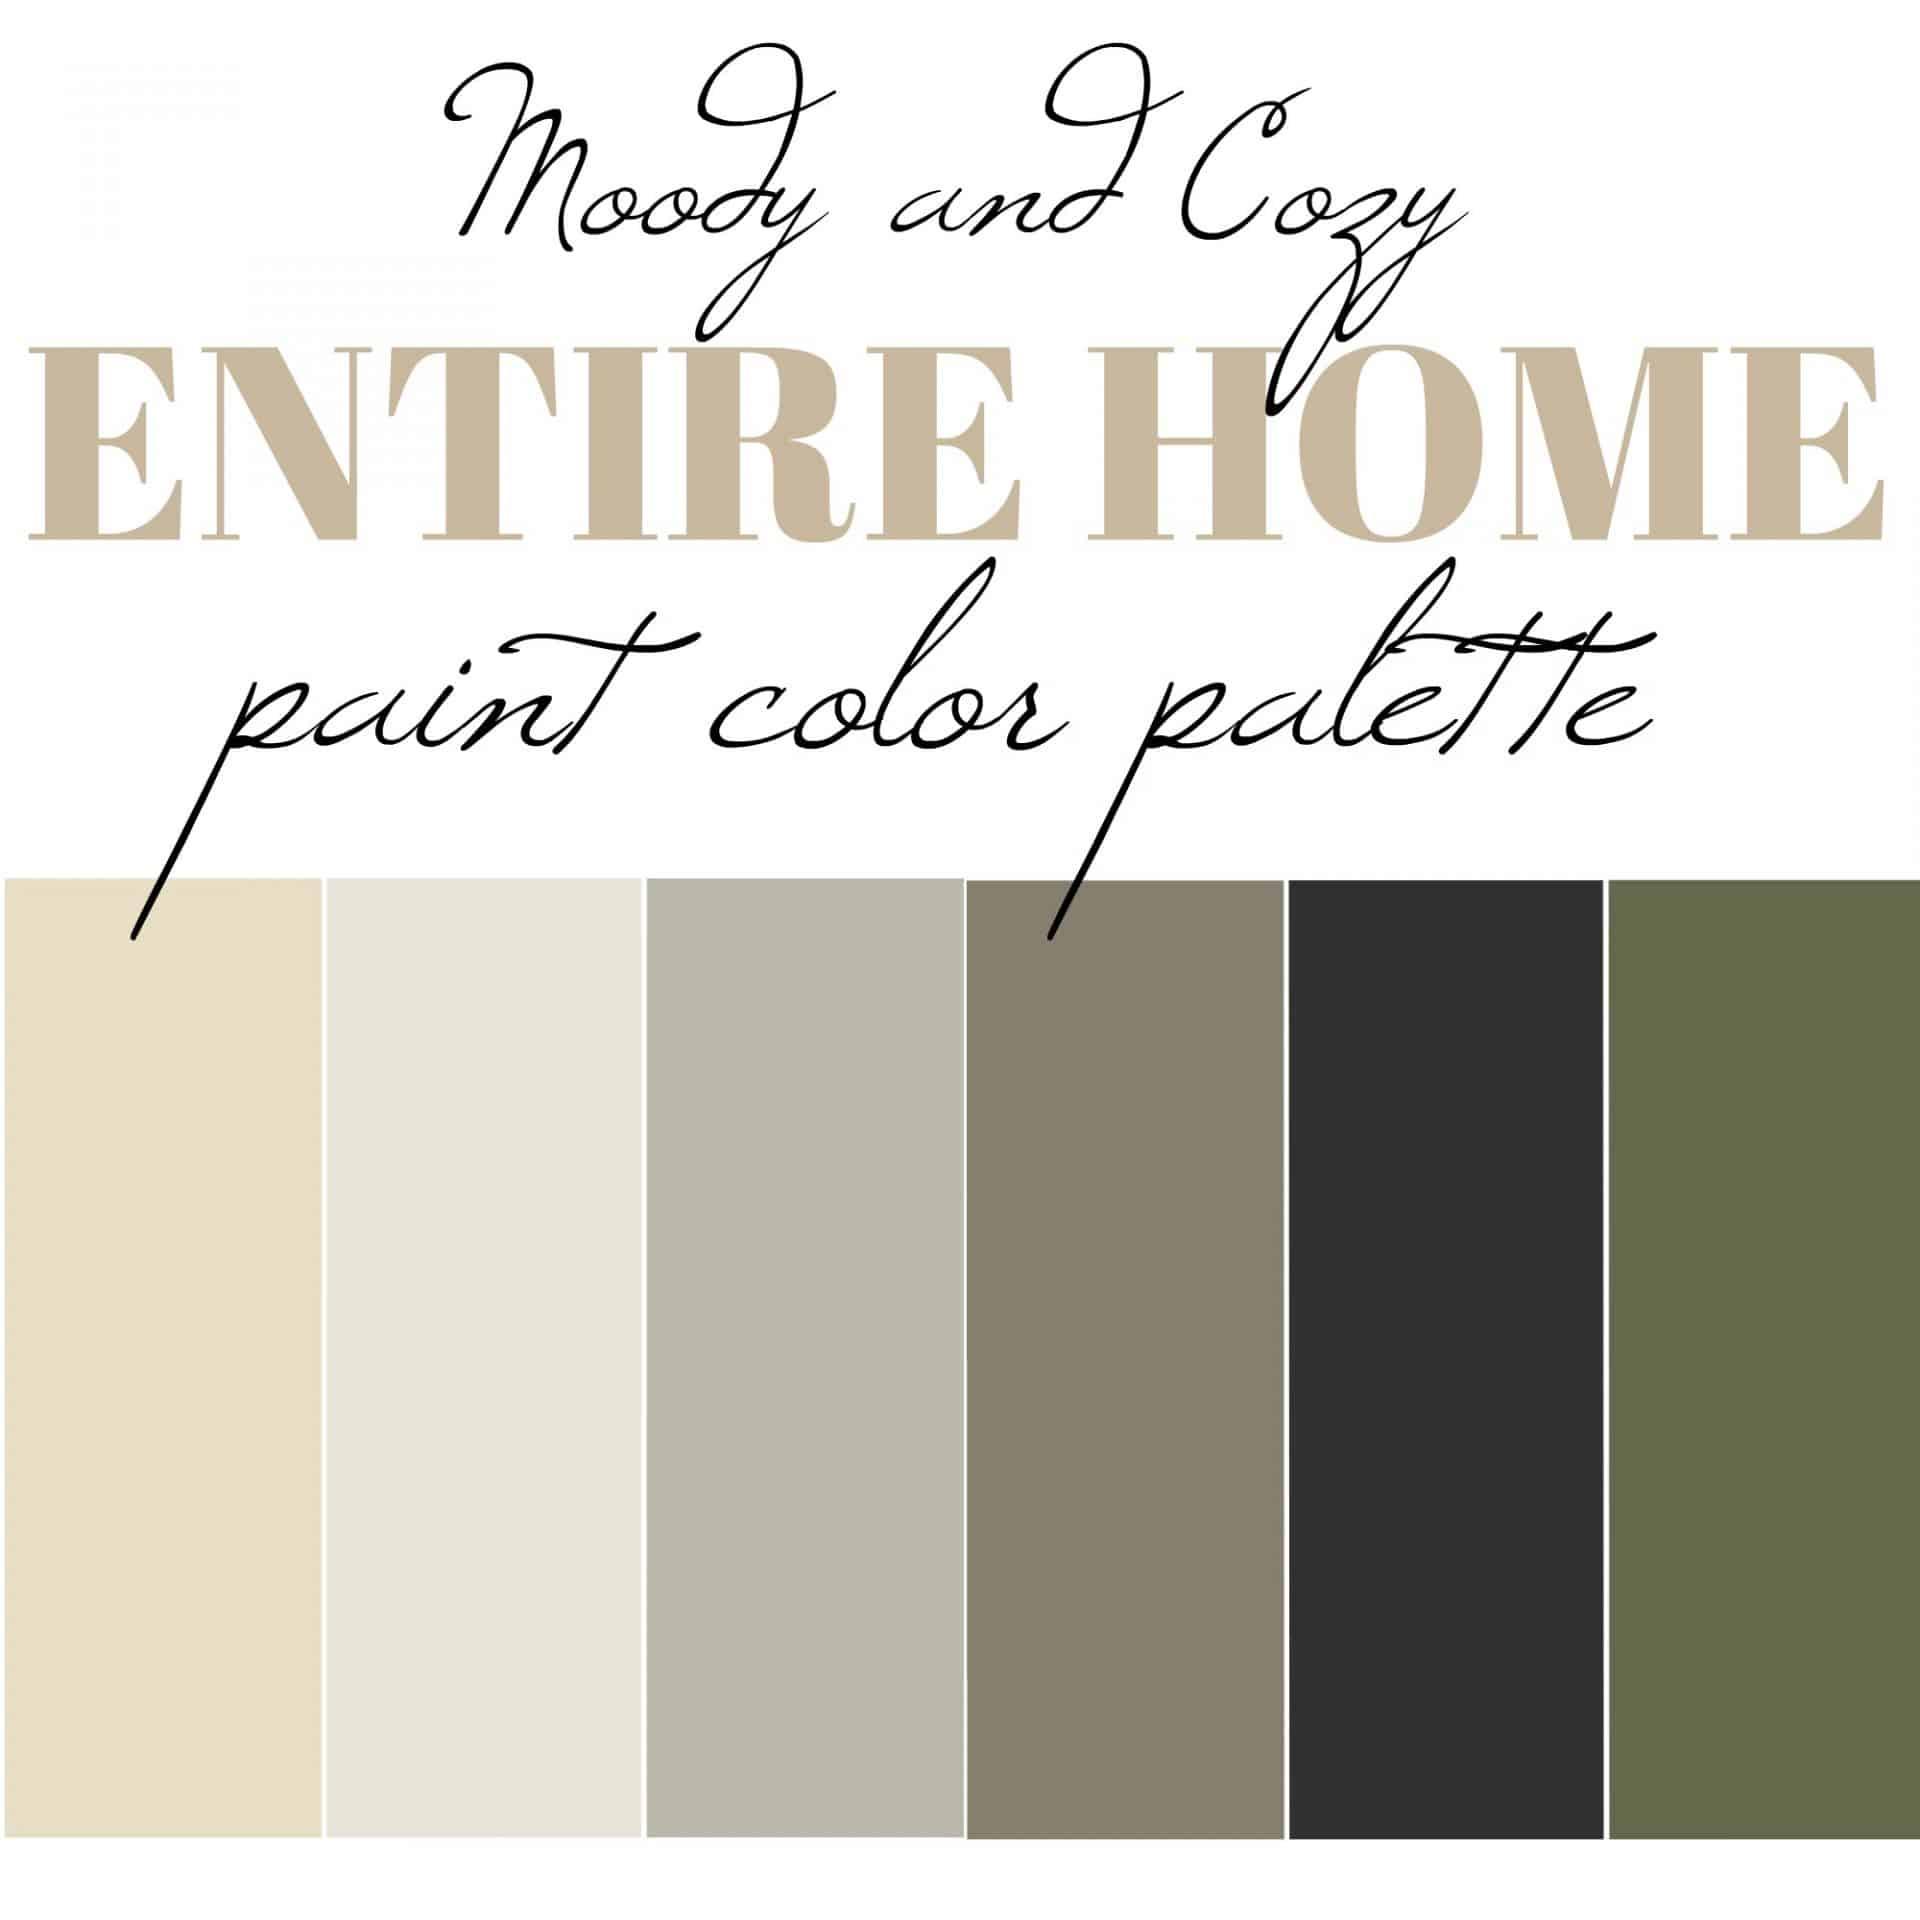 Our entire home paint color palette